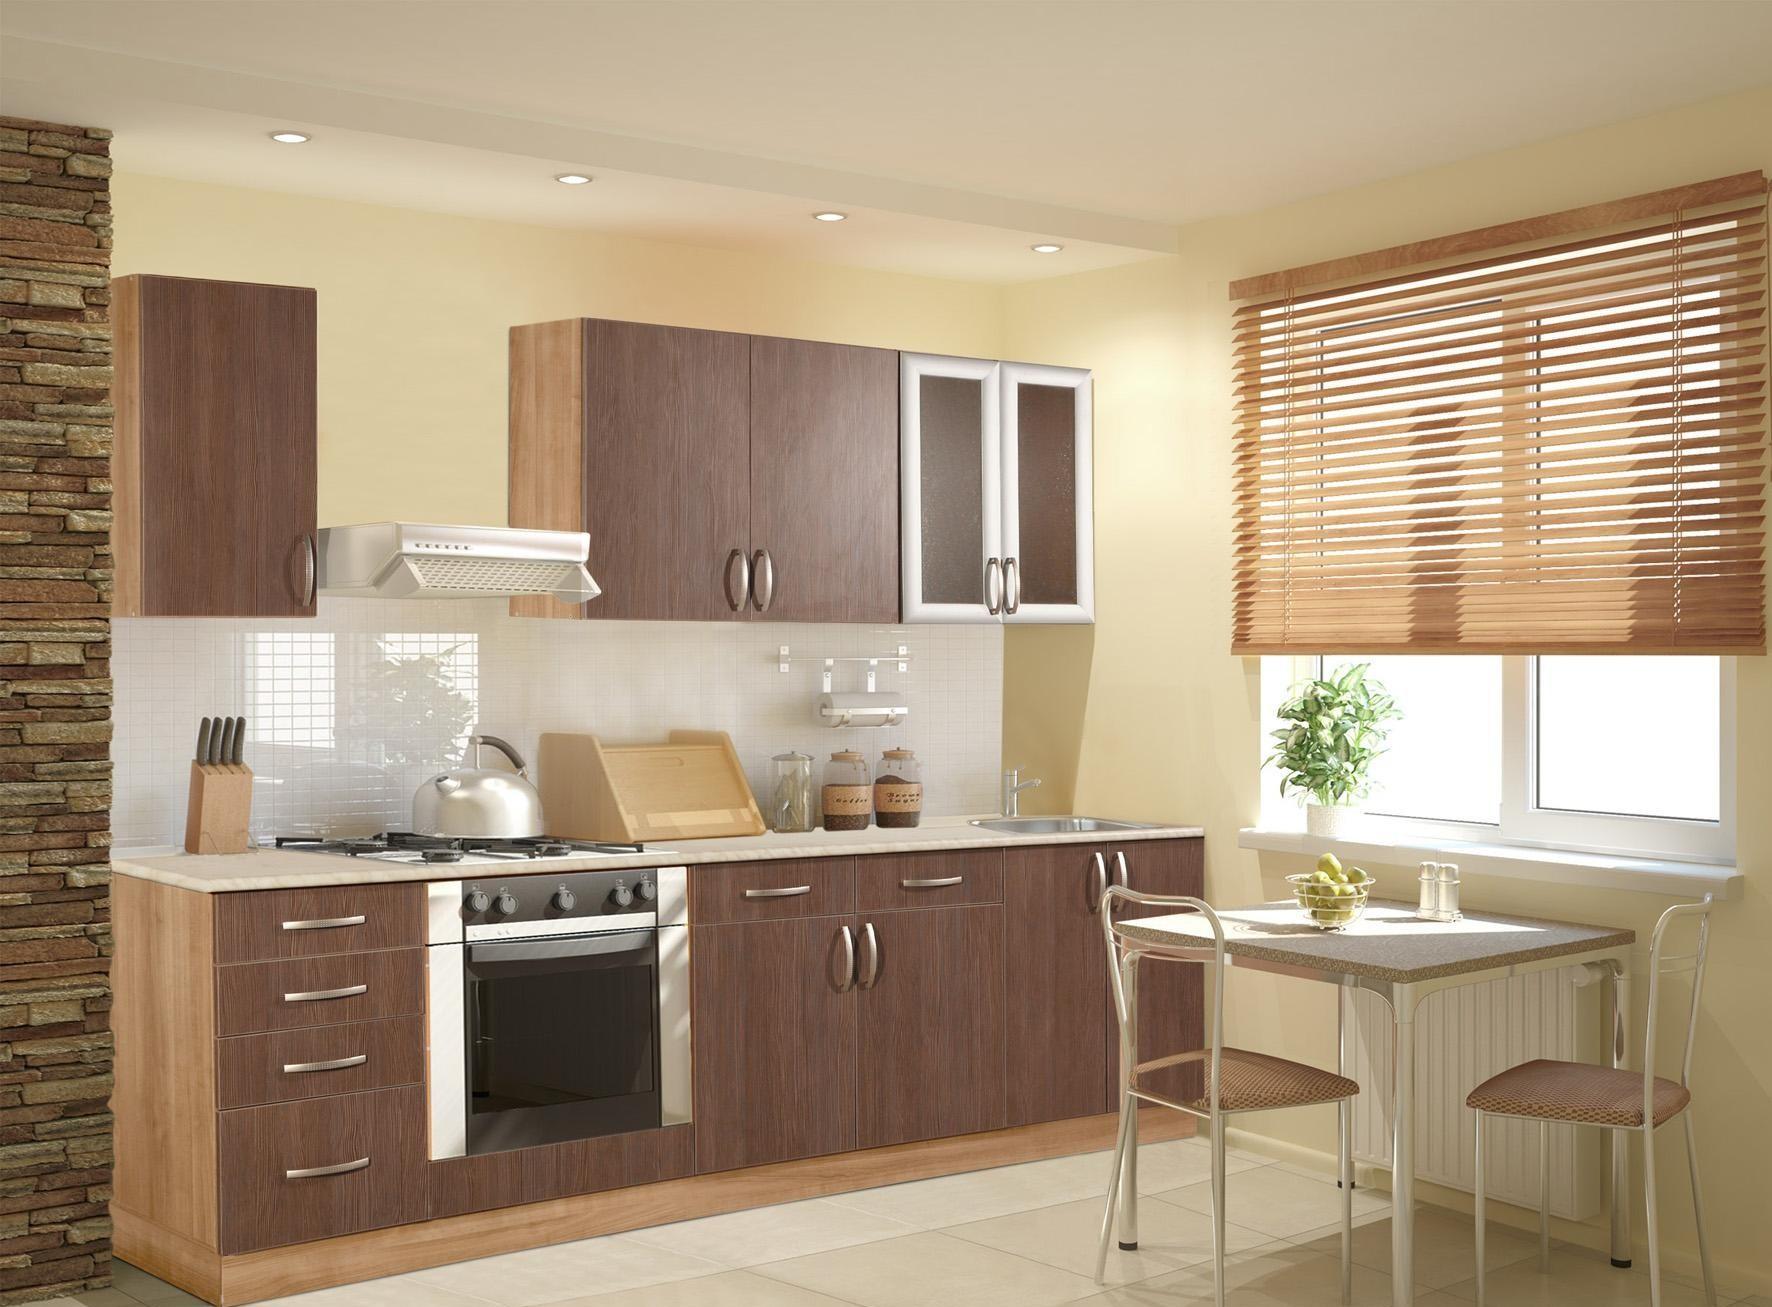 Мебель для кухни 6 кв.м из ЛДСП